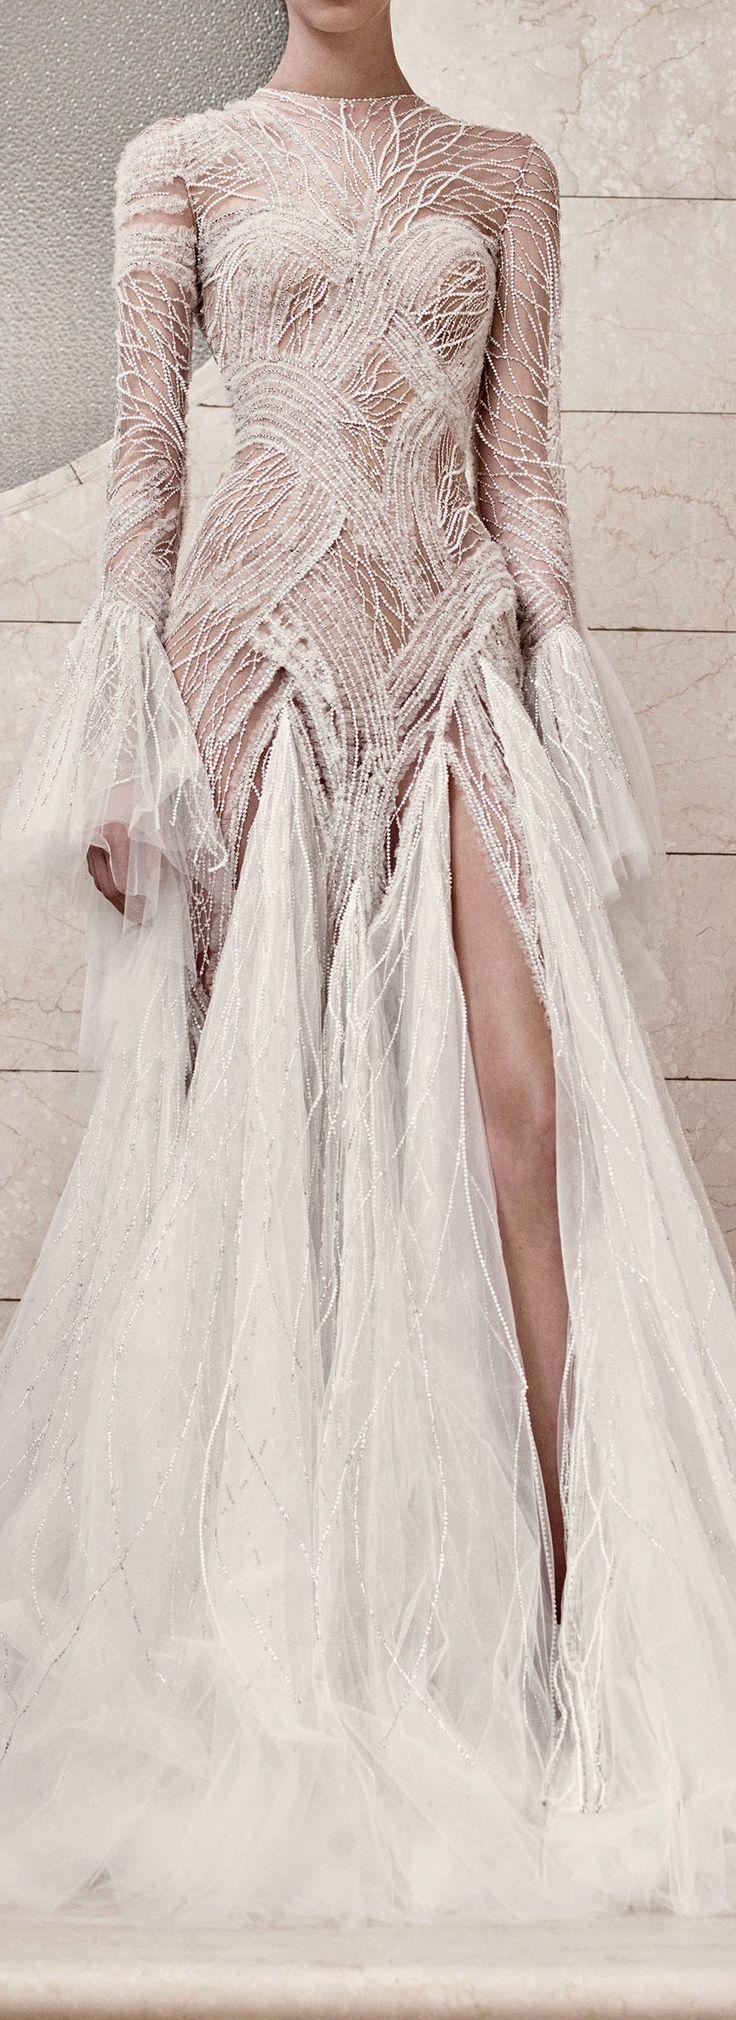 Hochzeit - Dazzling Dresses & Gowns